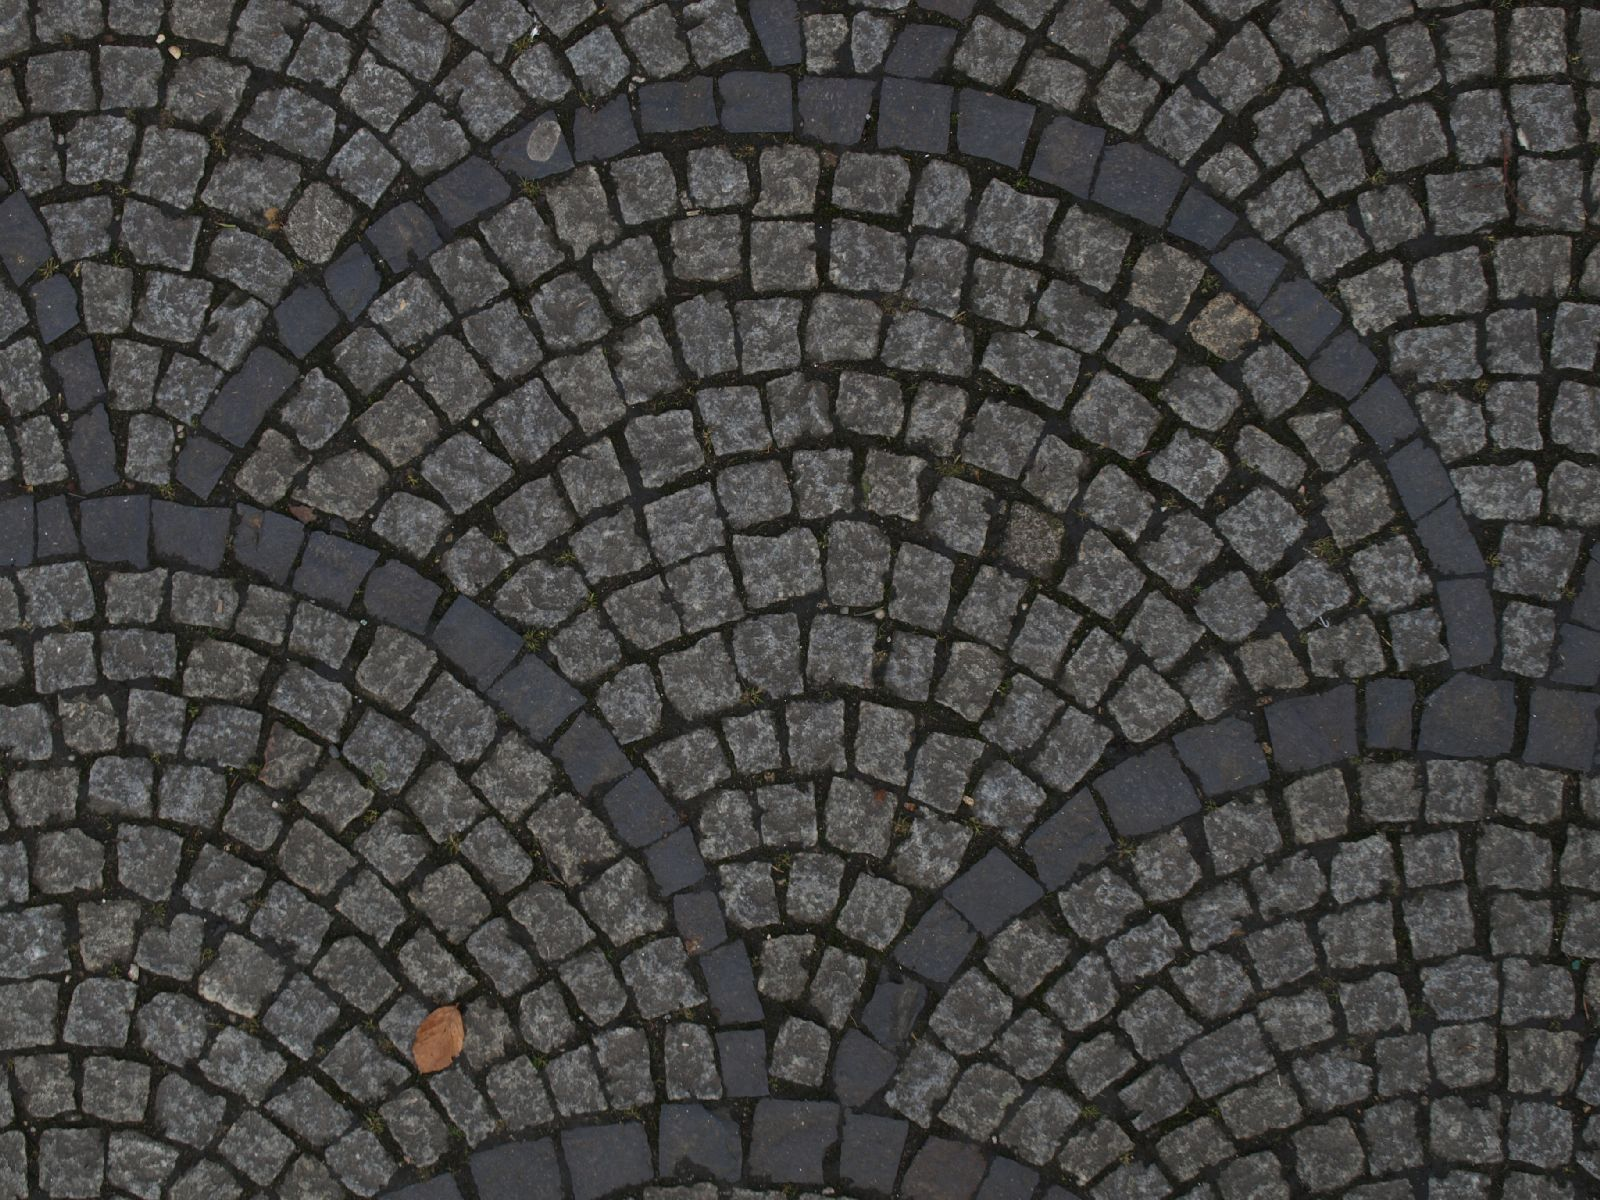 Boden-Gehweg-Strasse-Buergersteig-Textur_A_P1249820